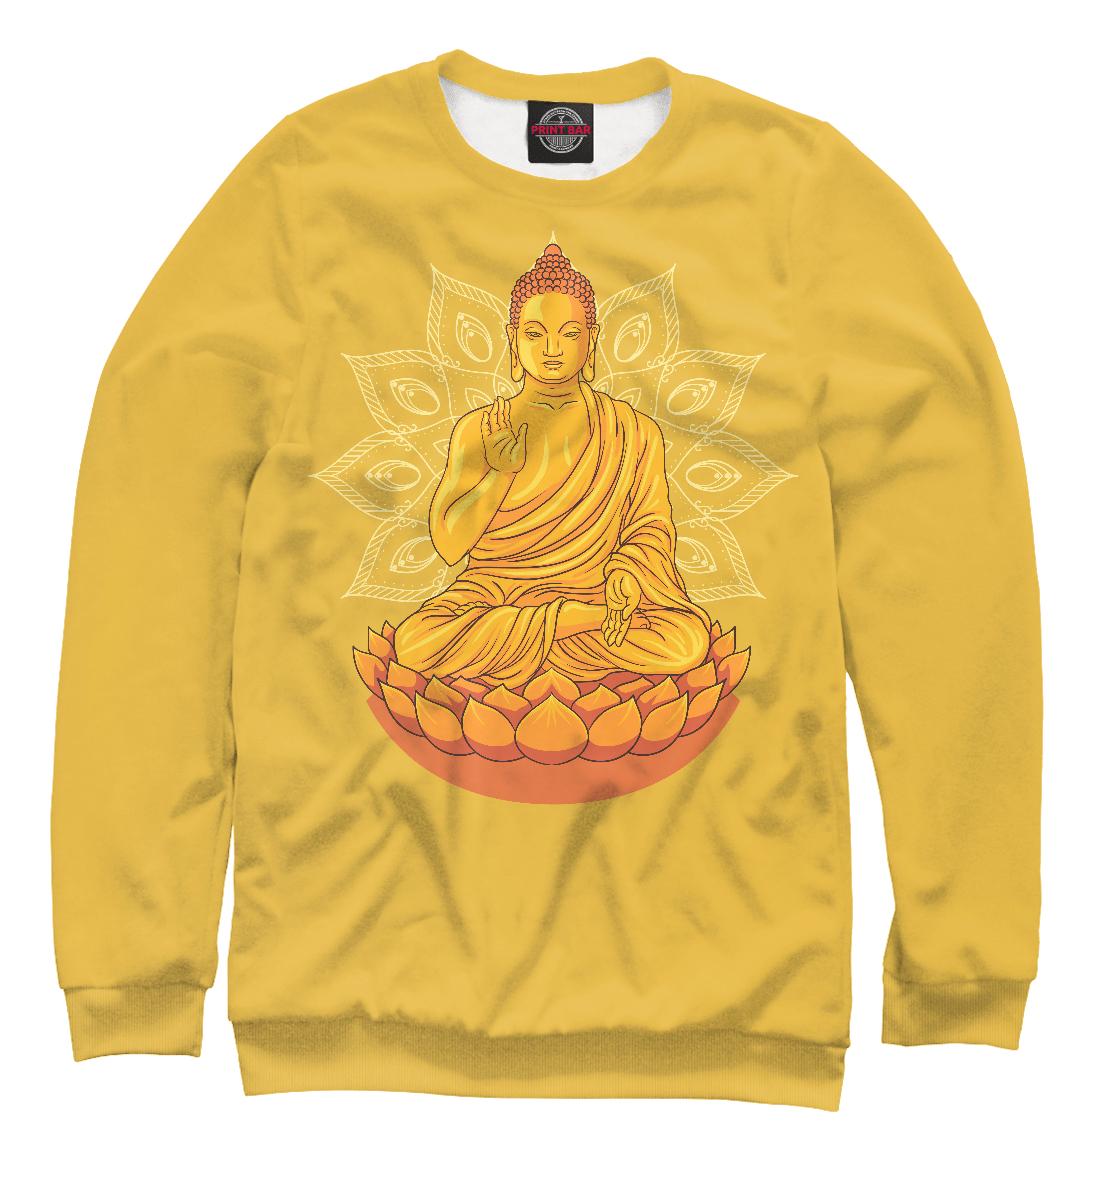 Купить Золотой Будда с мандалой и лотосом, Printbar, Свитшоты, PSY-836428-swi-1